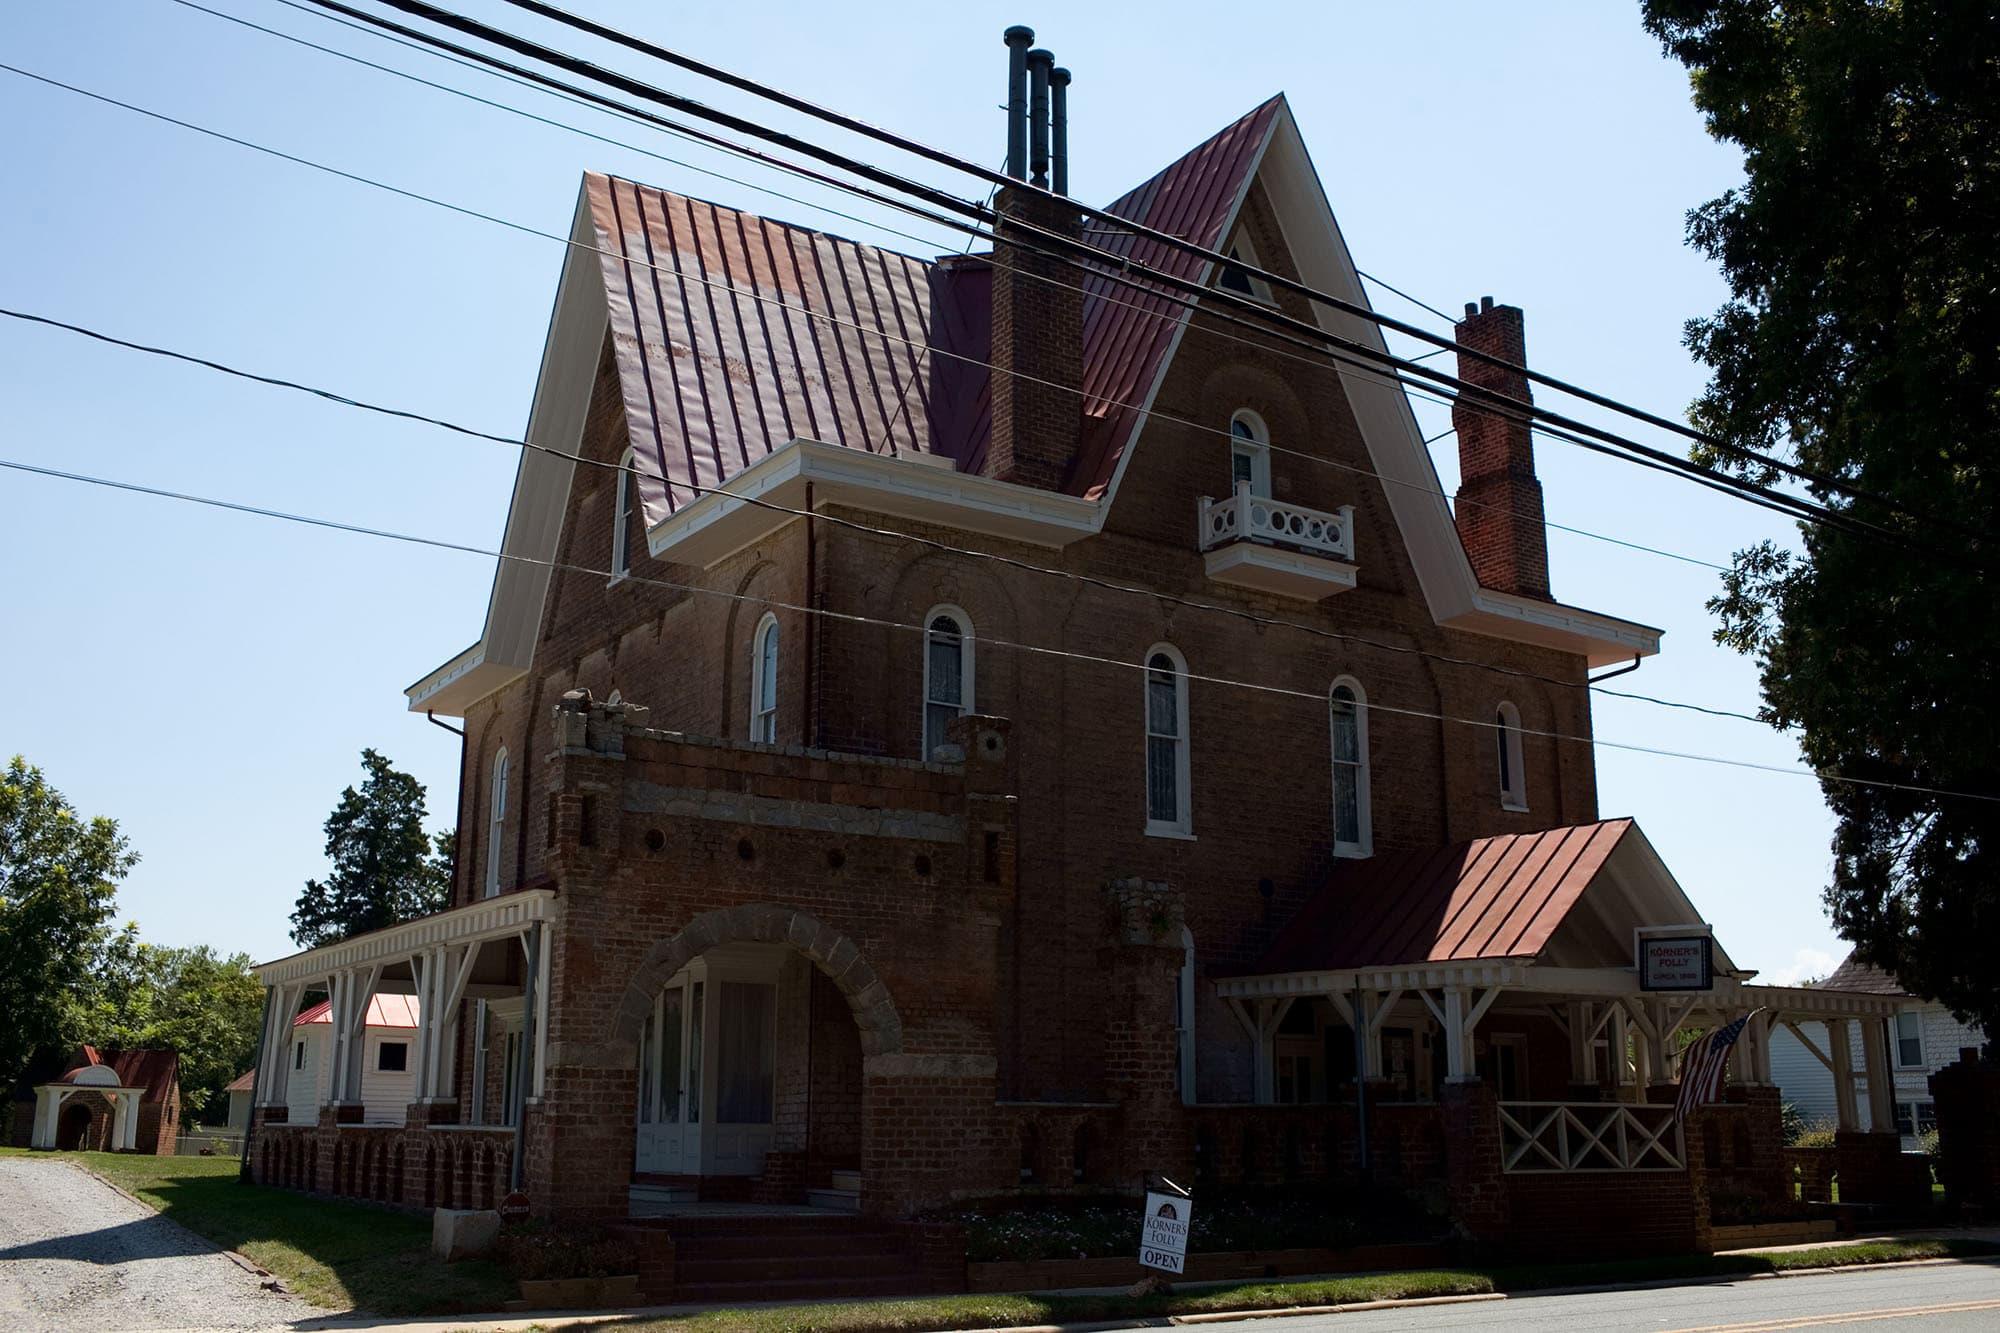 Virginia/North Carolina Road Trip - Korner's Folly